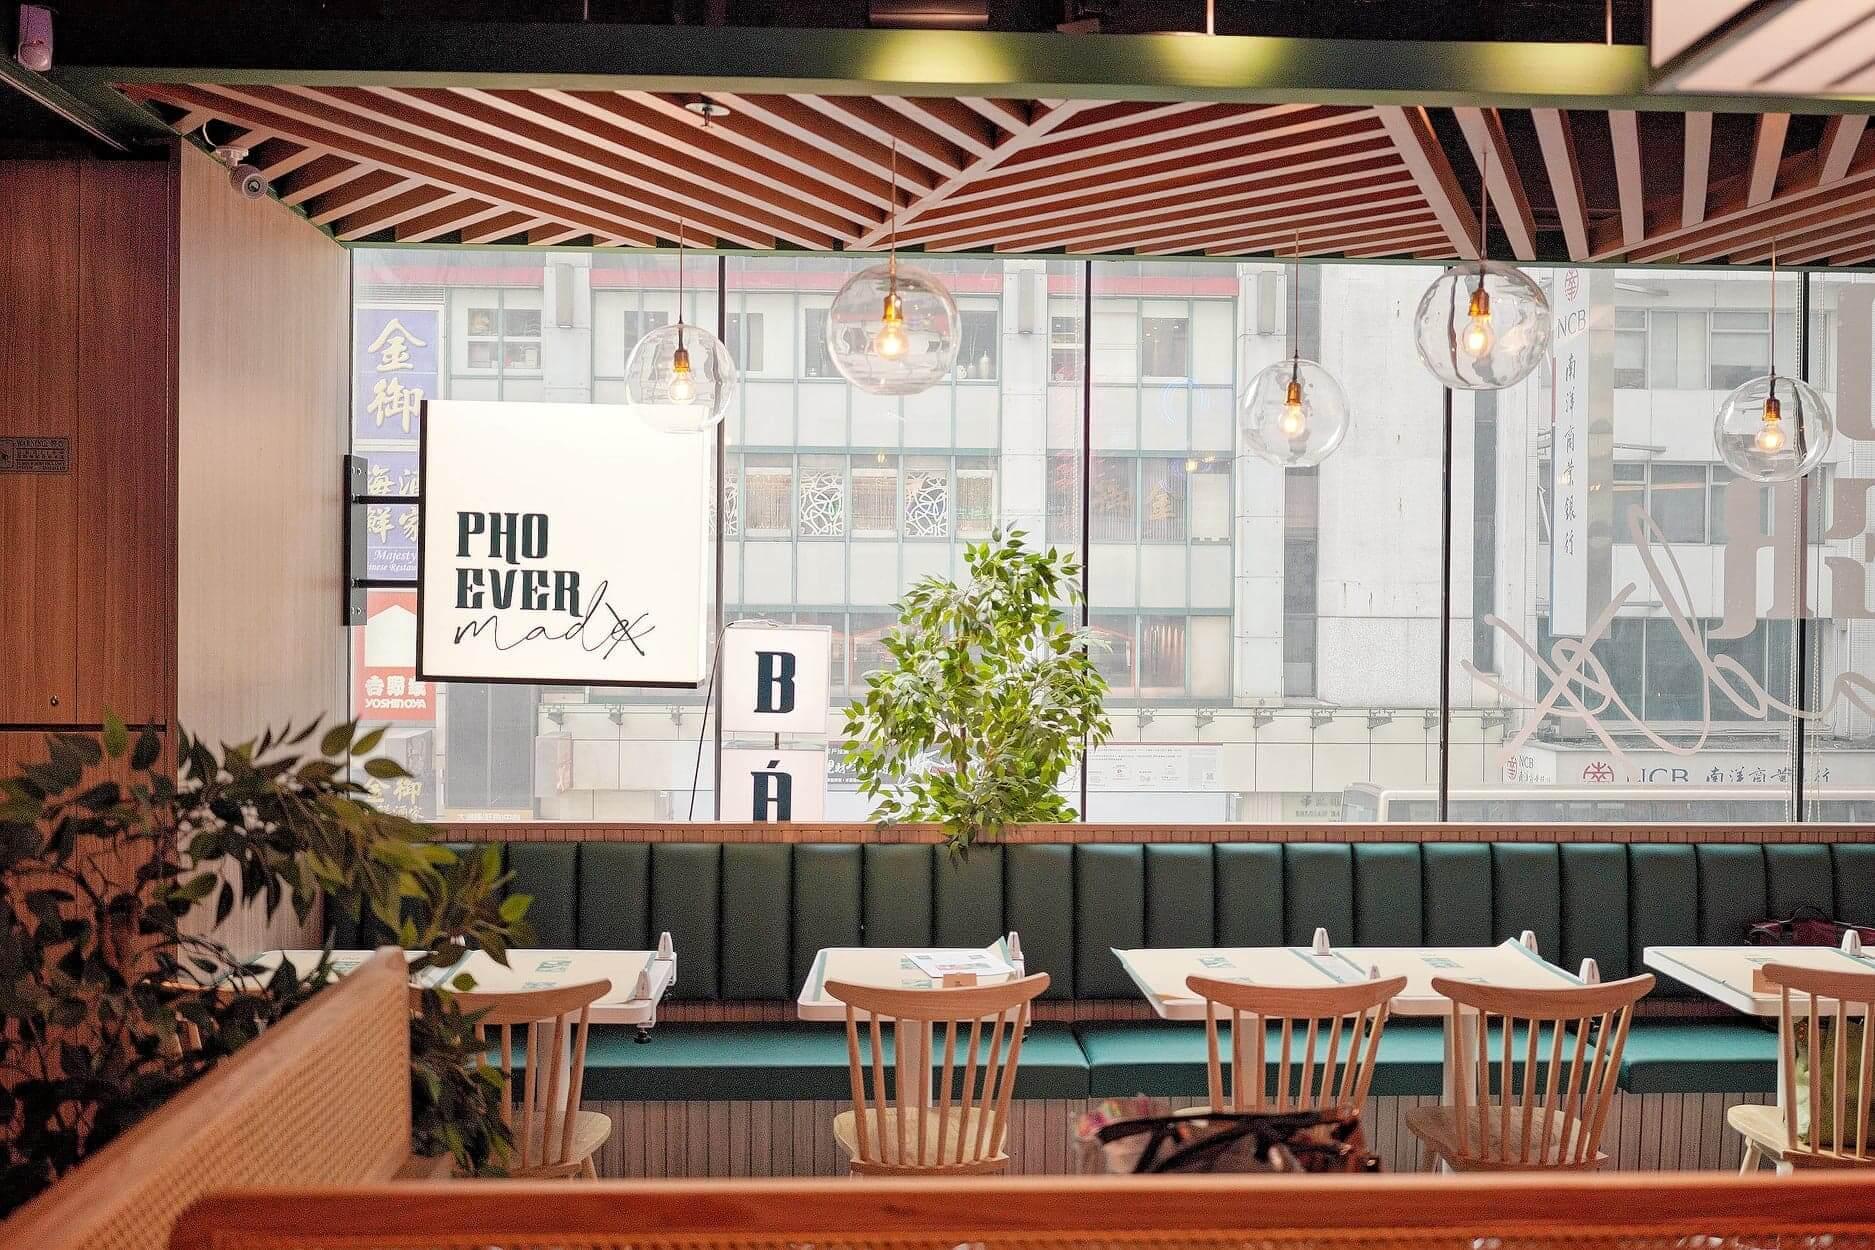 貫徹餐廳綠色主調,多重木系質感,不失舒適感。